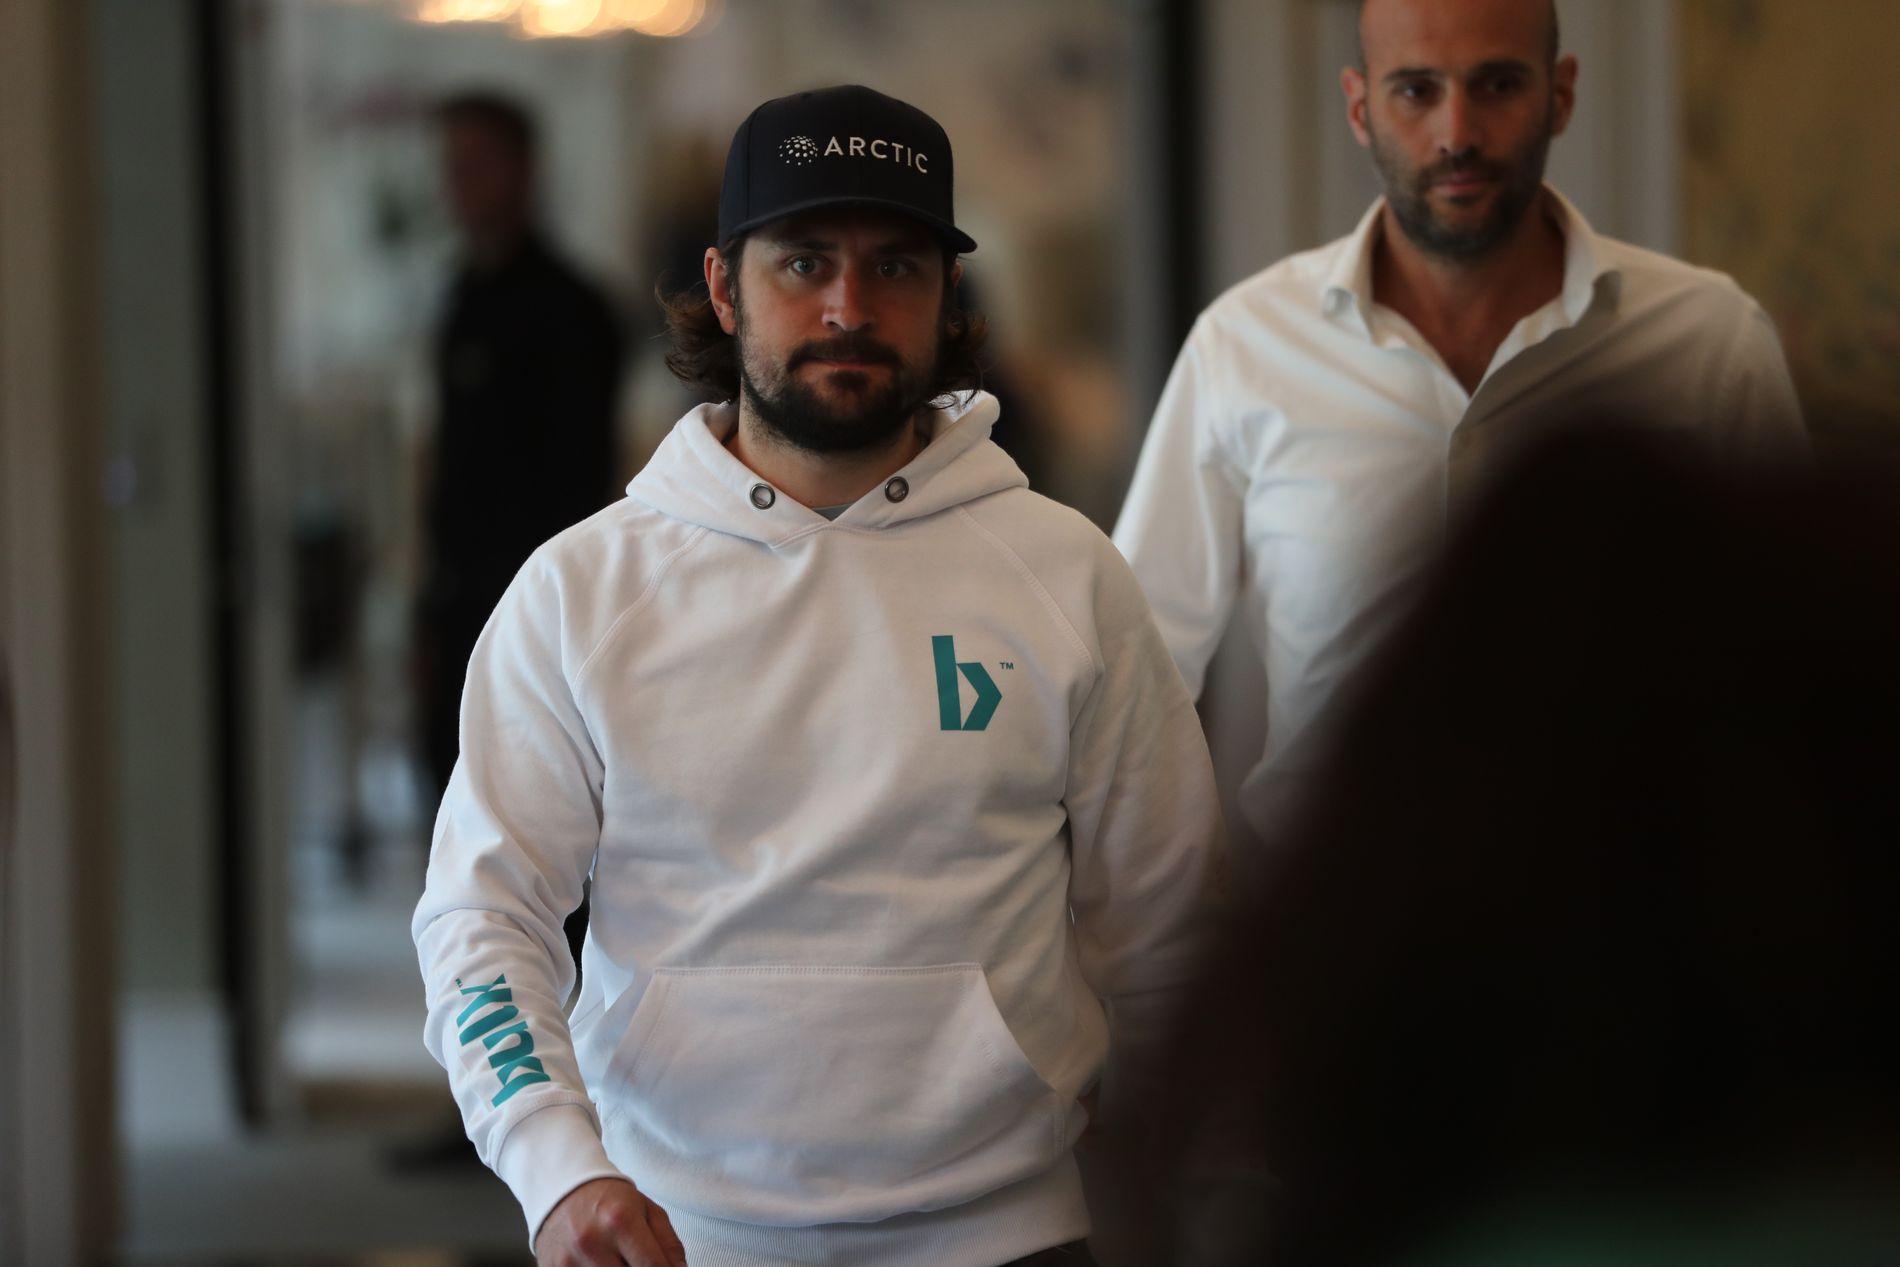 SIGNERTE SUPERAVTALE: Mats Zuccarello på vei inn i teatersalen til Hotel Continental for å signere det manageren Kevin Skabo (t.h) omtalte som den største avtalen i norsk idrett.